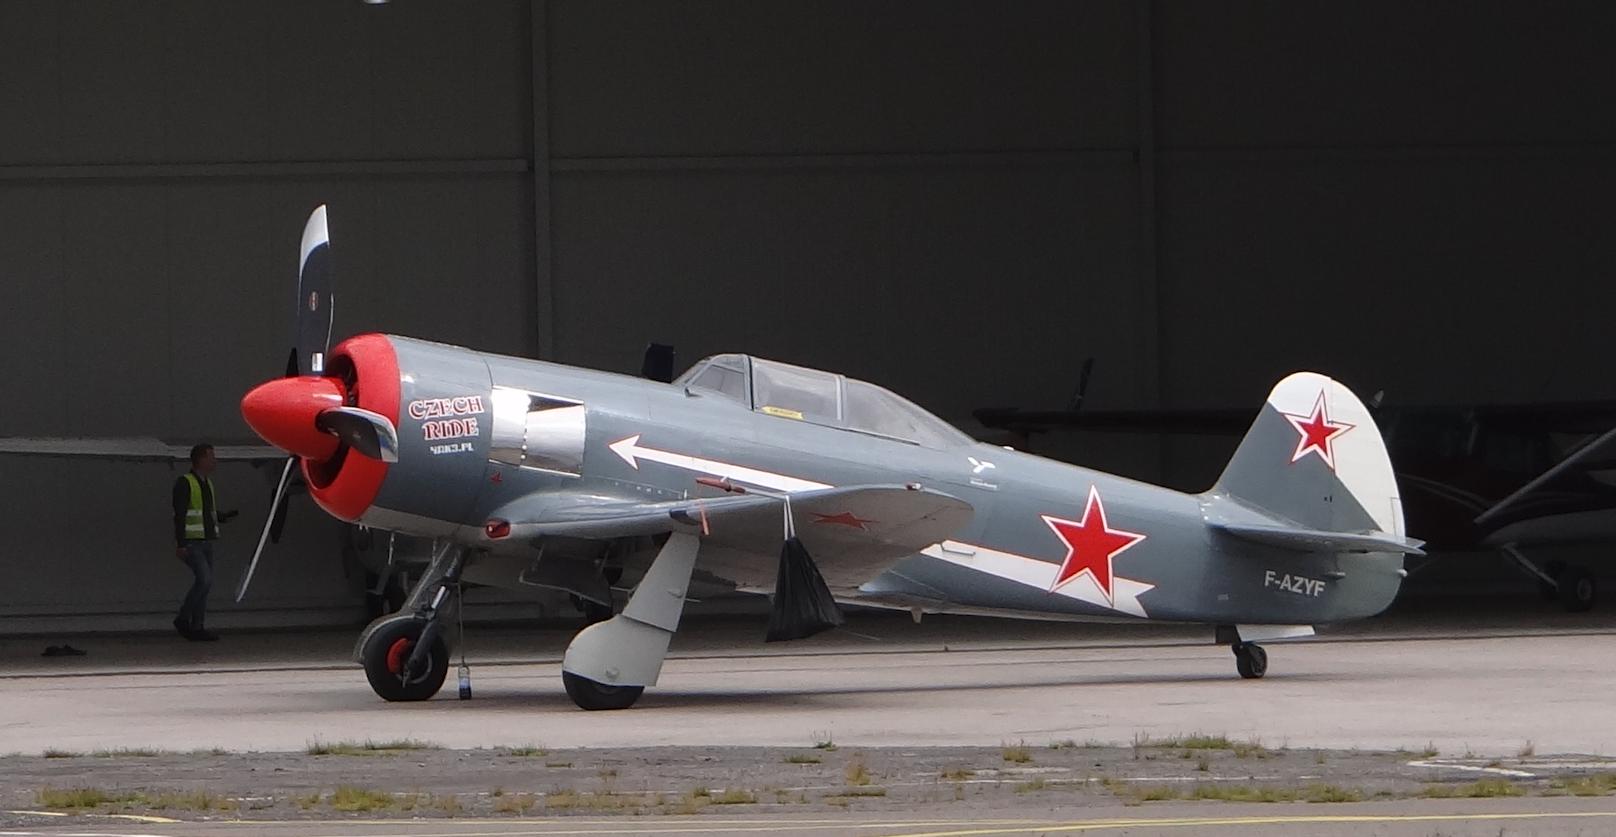 Jak-3 U F-AZYF. 2018 rok.Zdjęcie Karol Placha Hetman